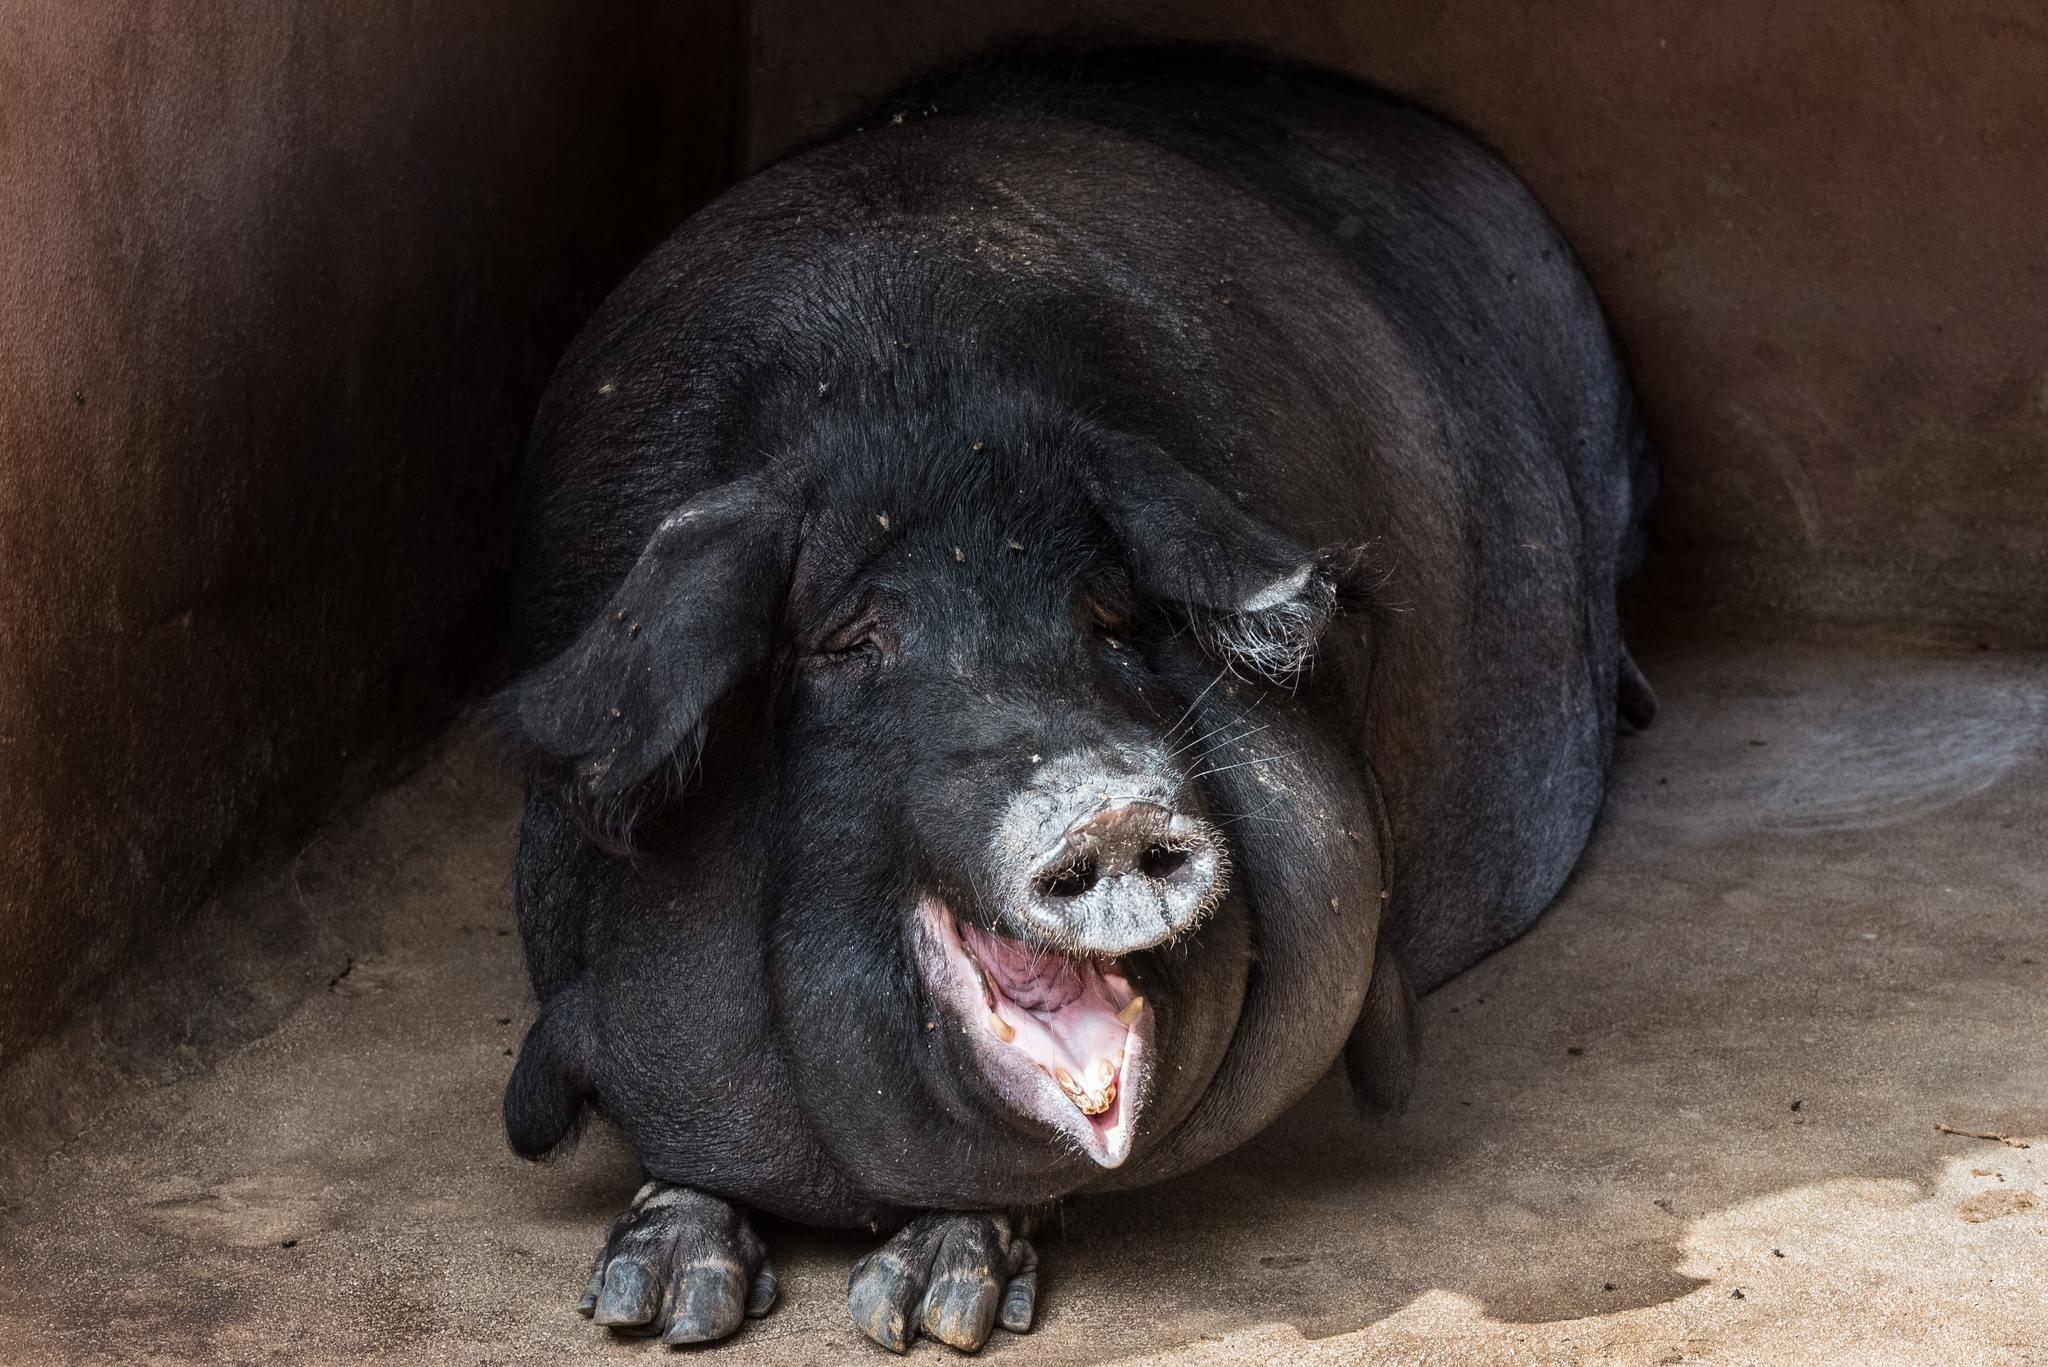 Уход и разведение вьетнамских поросят: описание породы, кормление, содержание и размножение азиатских свиней